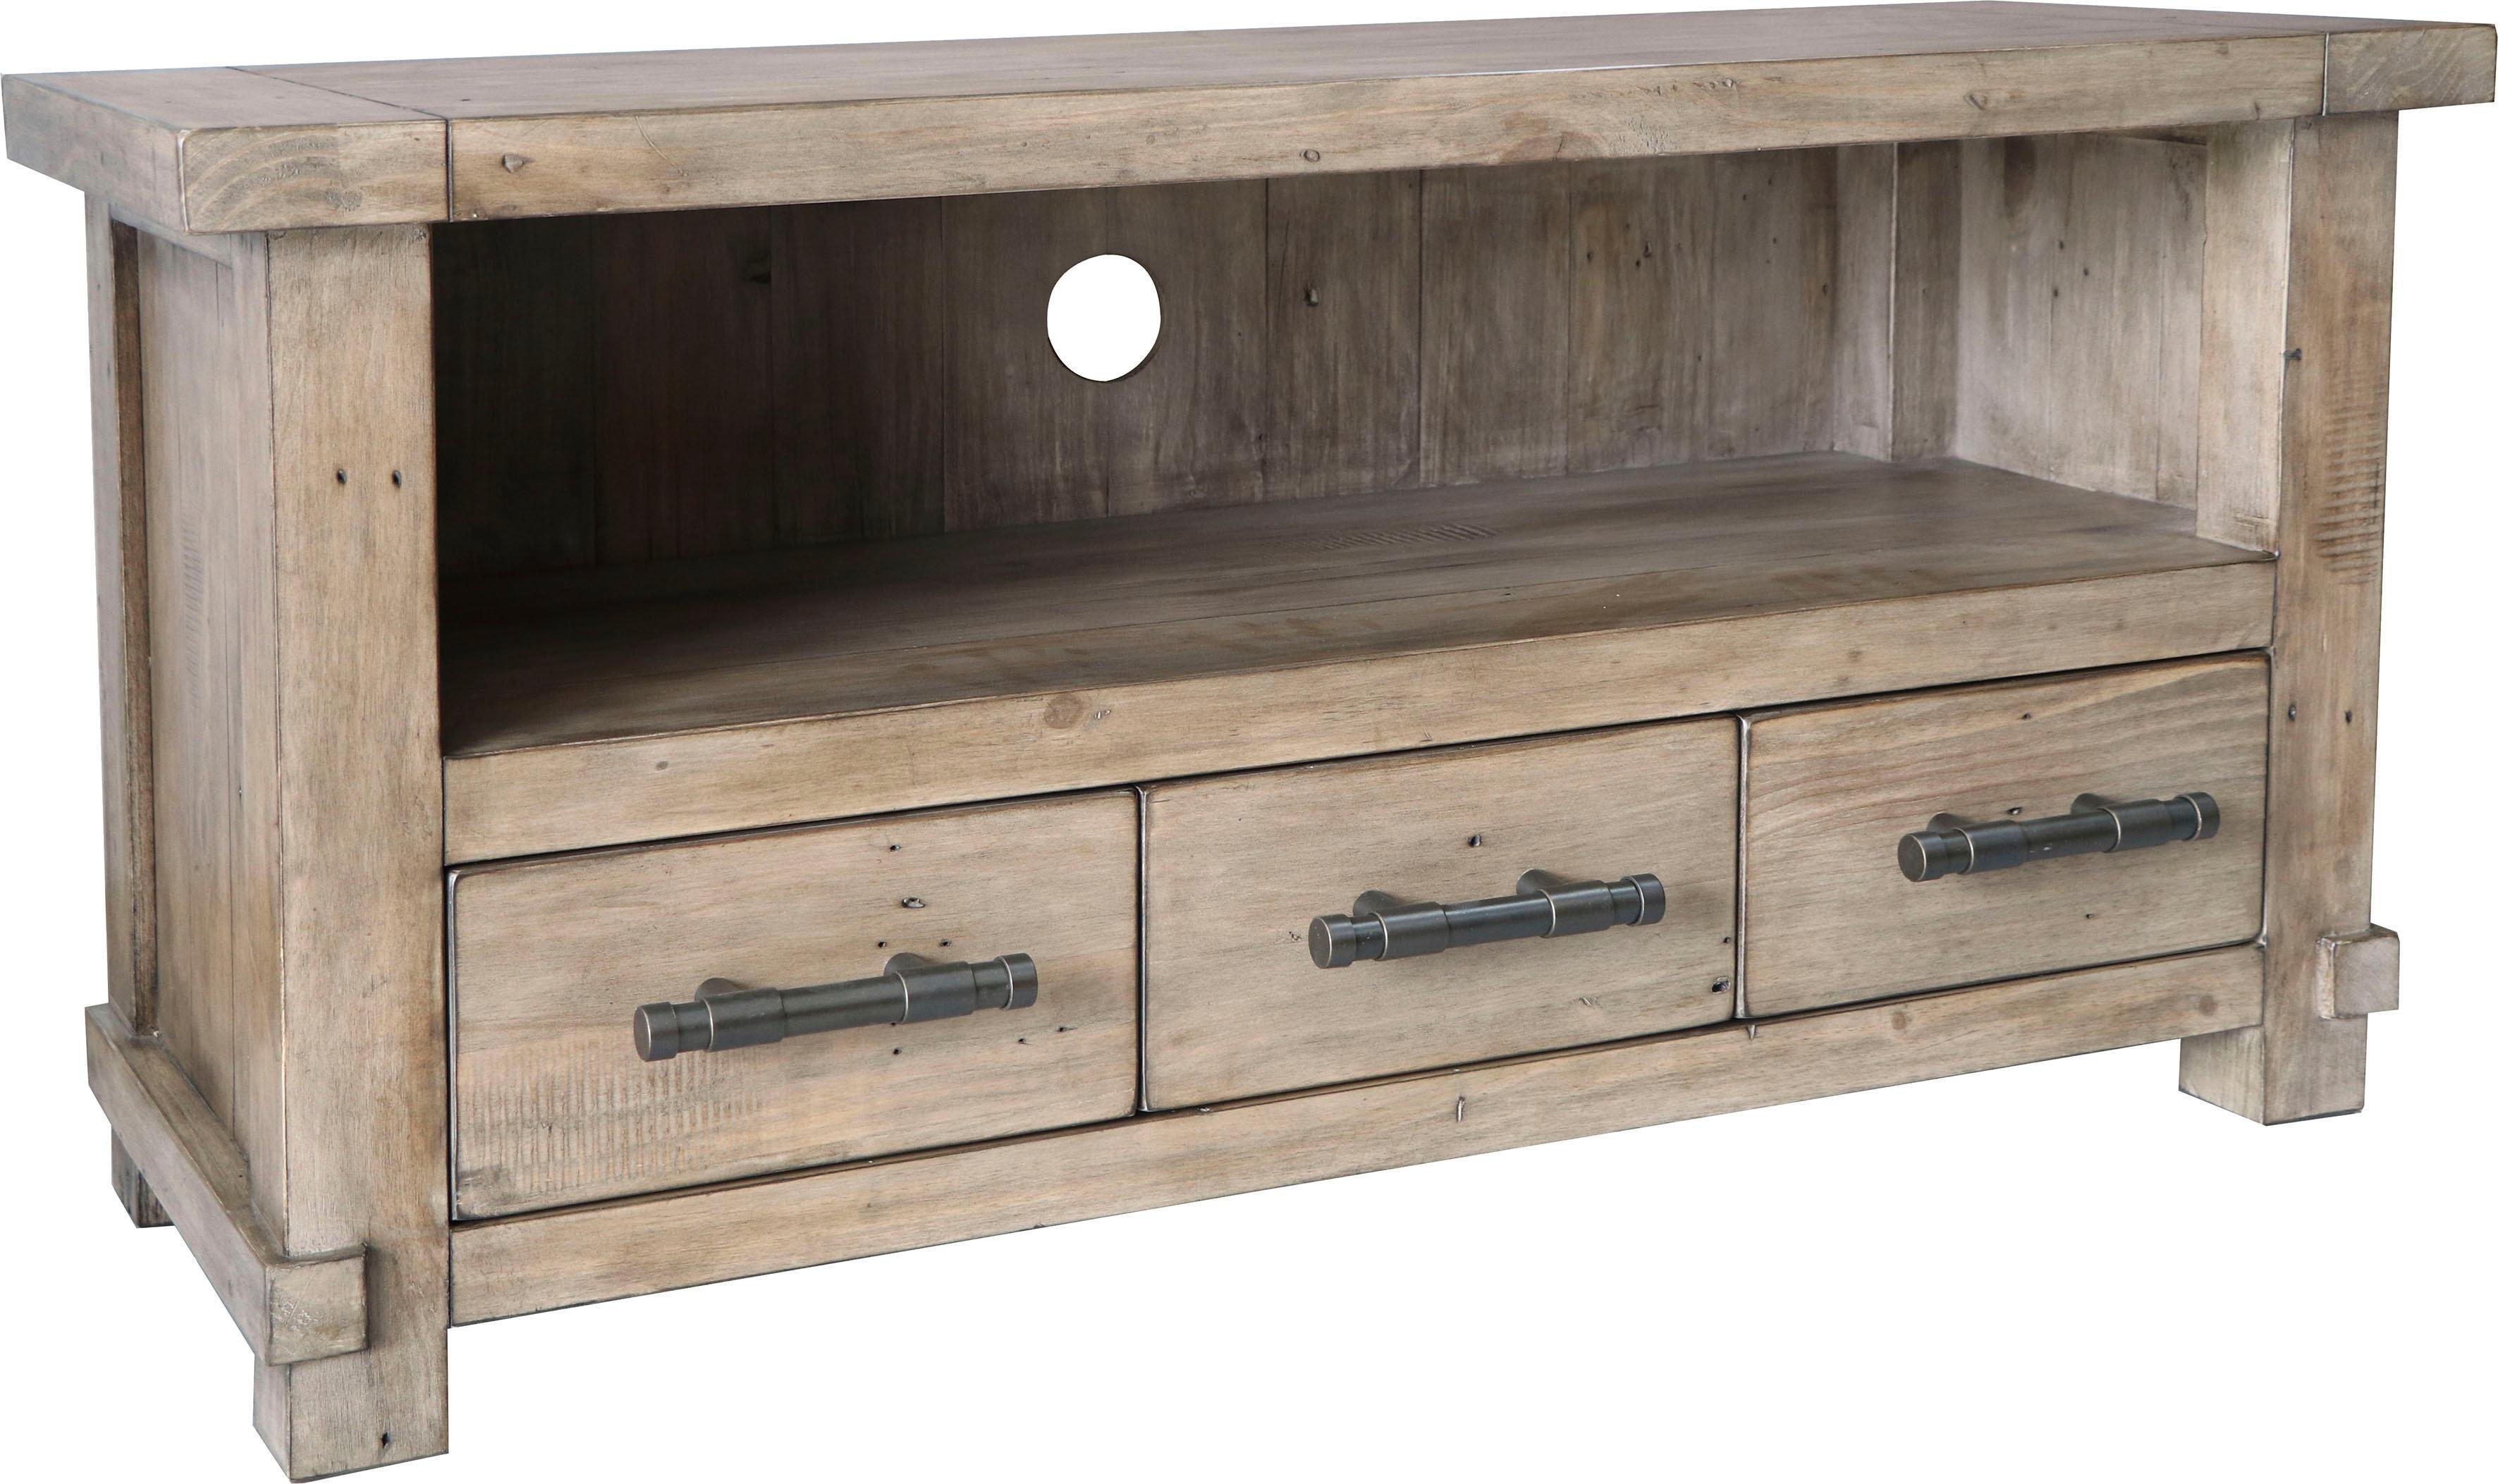 massiver gartenstuhl preisvergleich die besten angebote online kaufen. Black Bedroom Furniture Sets. Home Design Ideas